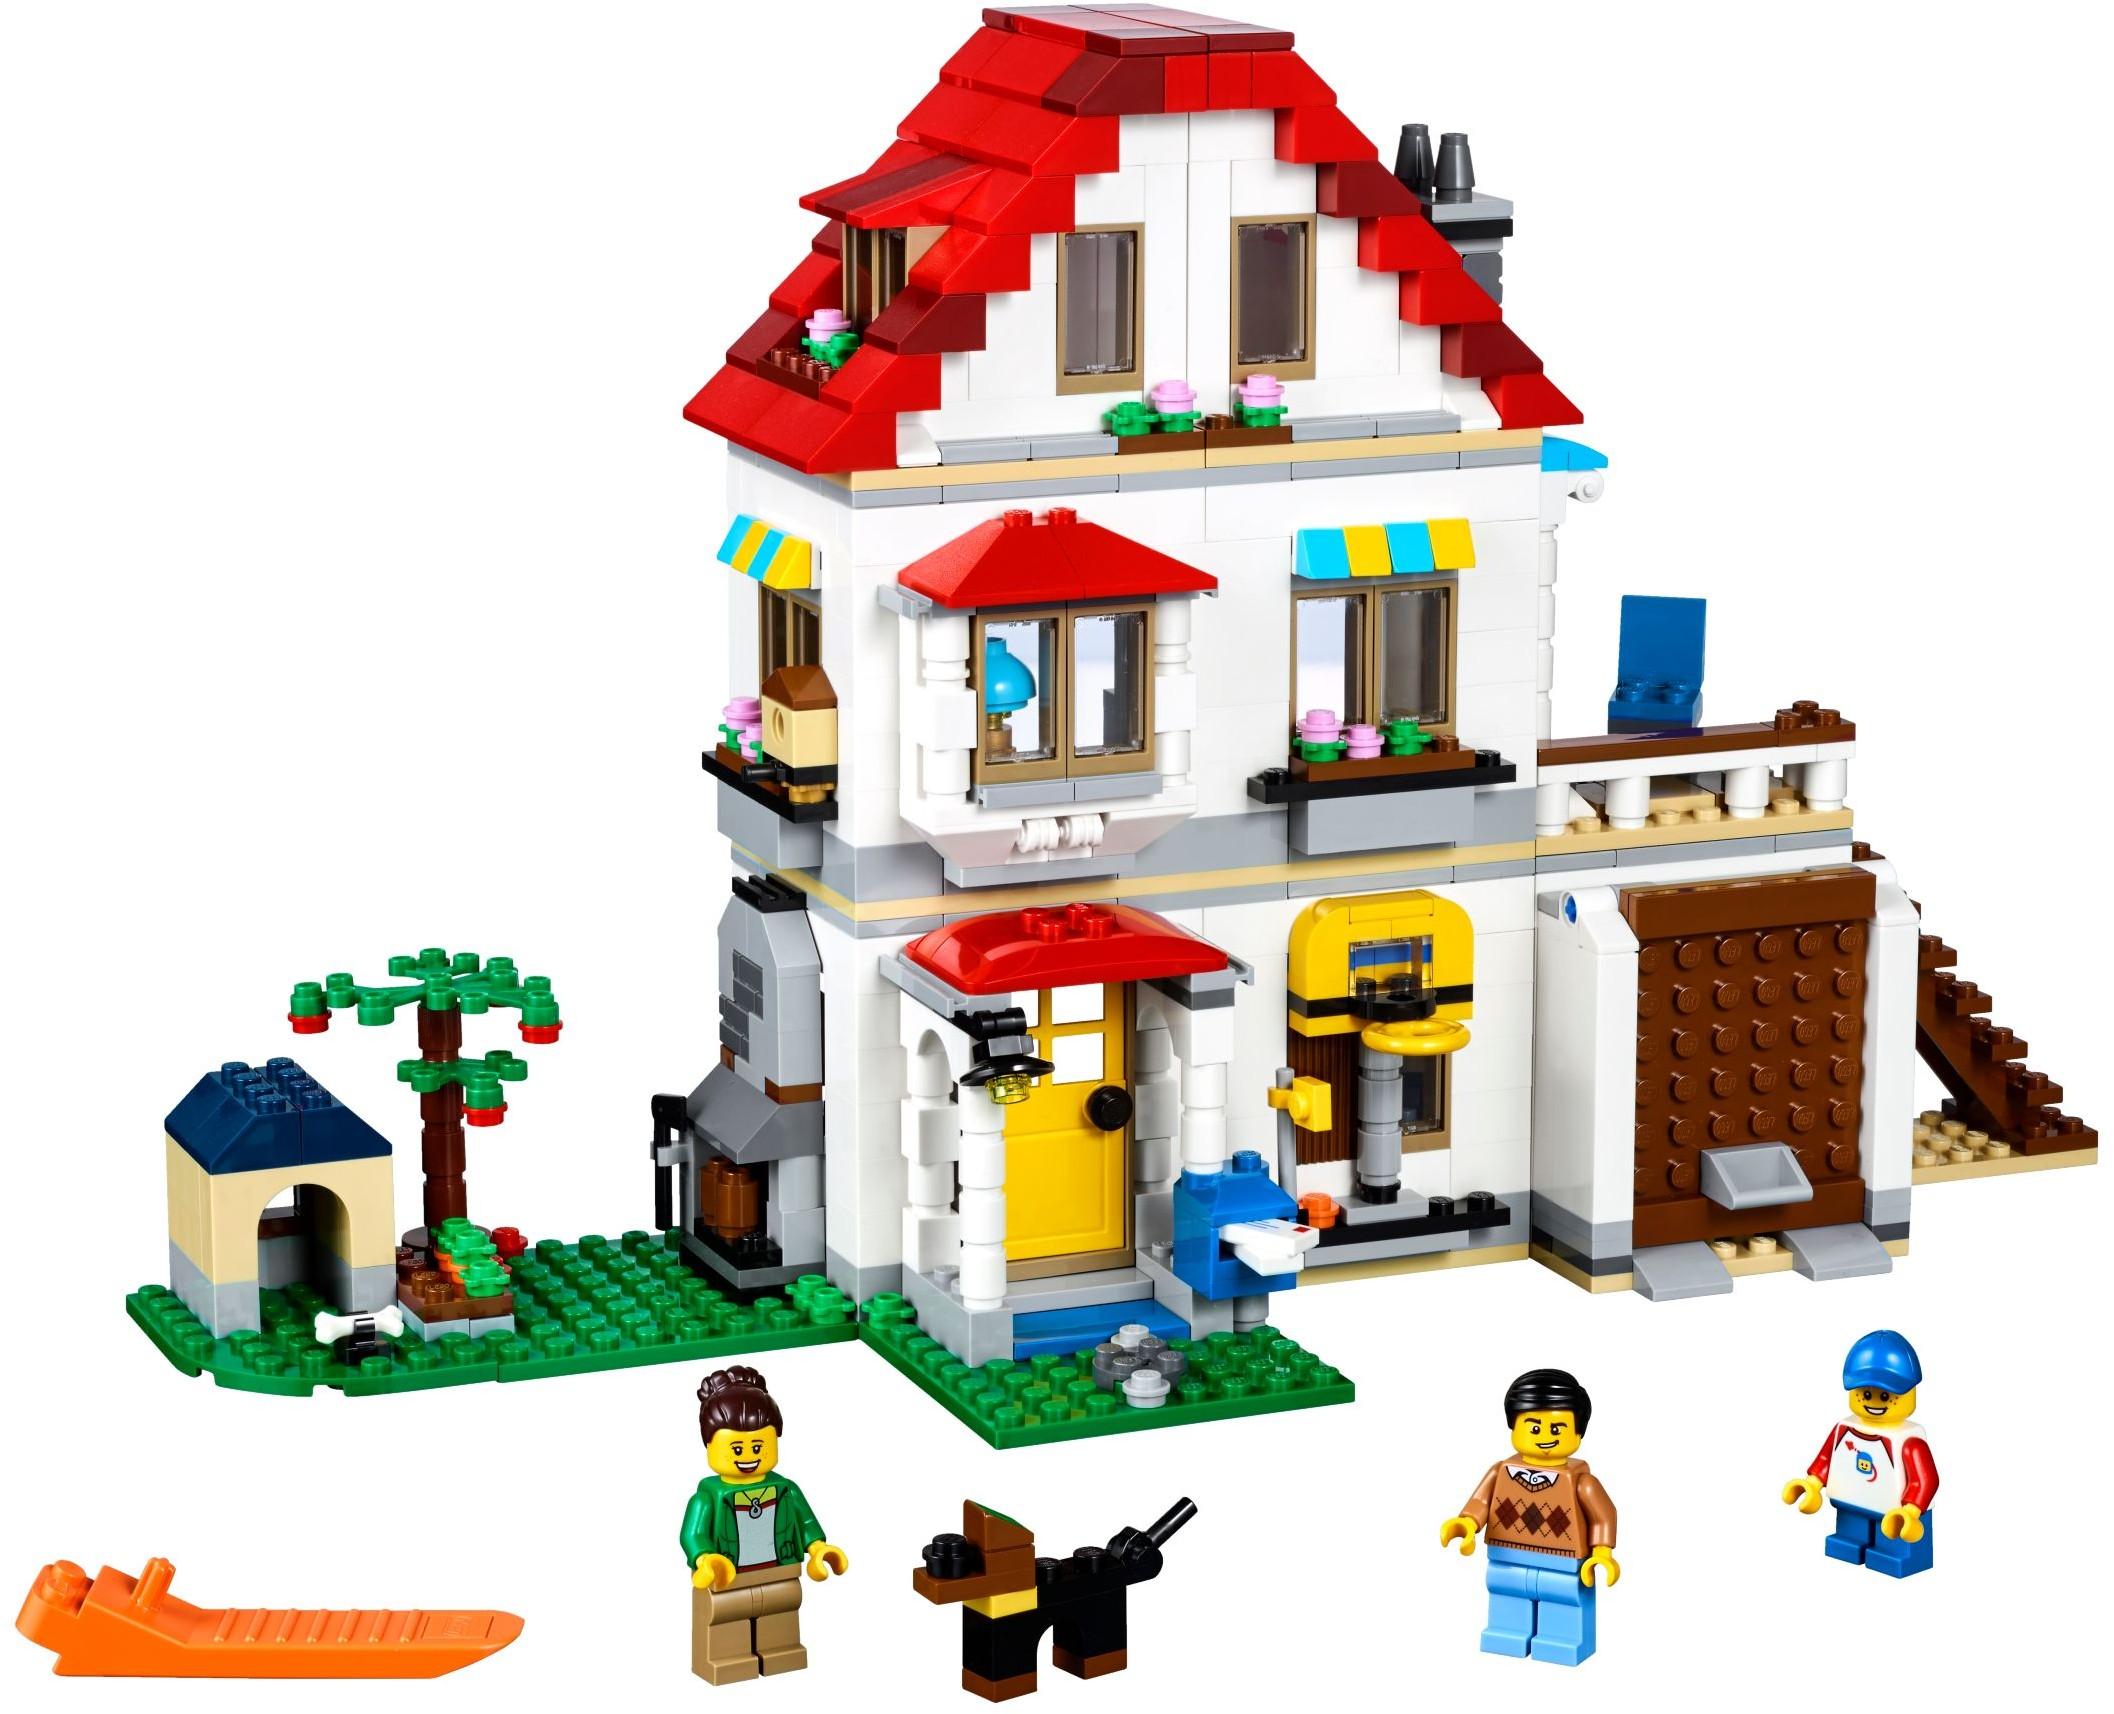 creator 2017 brickset lego set guide and database. Black Bedroom Furniture Sets. Home Design Ideas